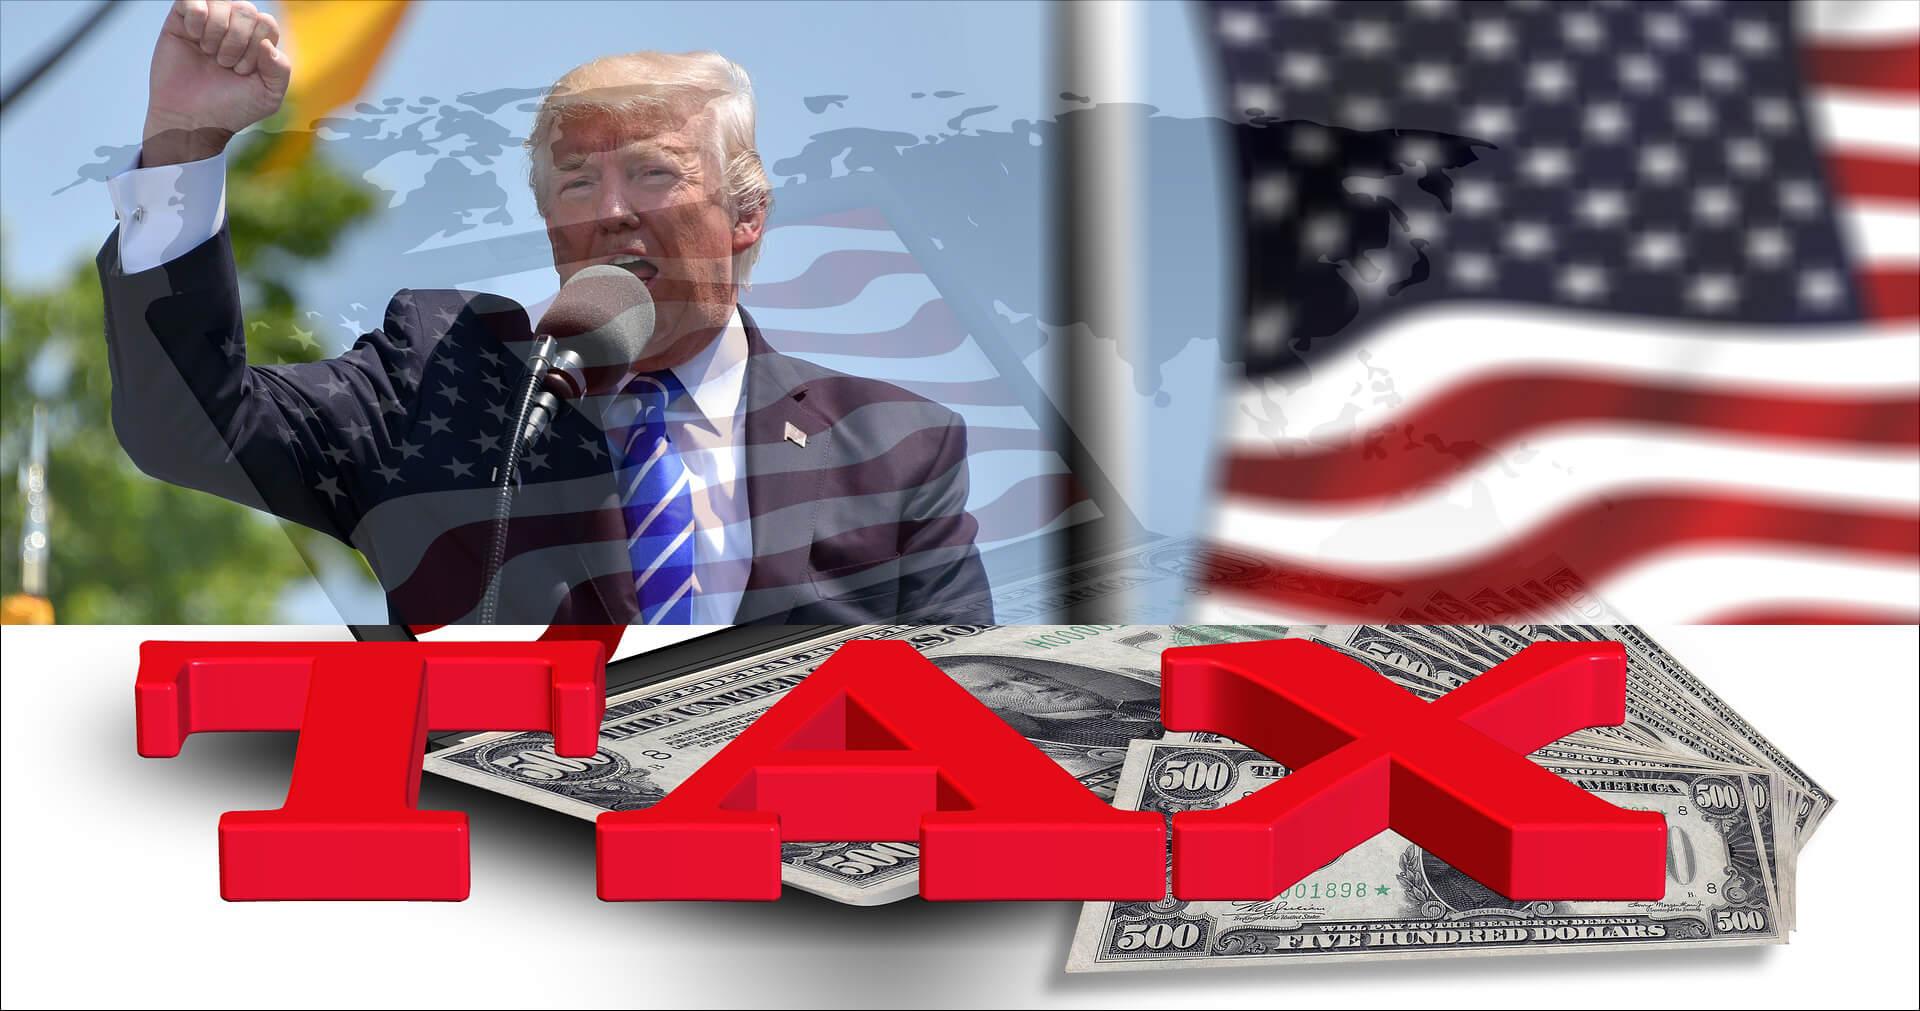 【2019年版】世界の法人税率ランキング | アメリカ法人税21%引下げが日本に与える影響